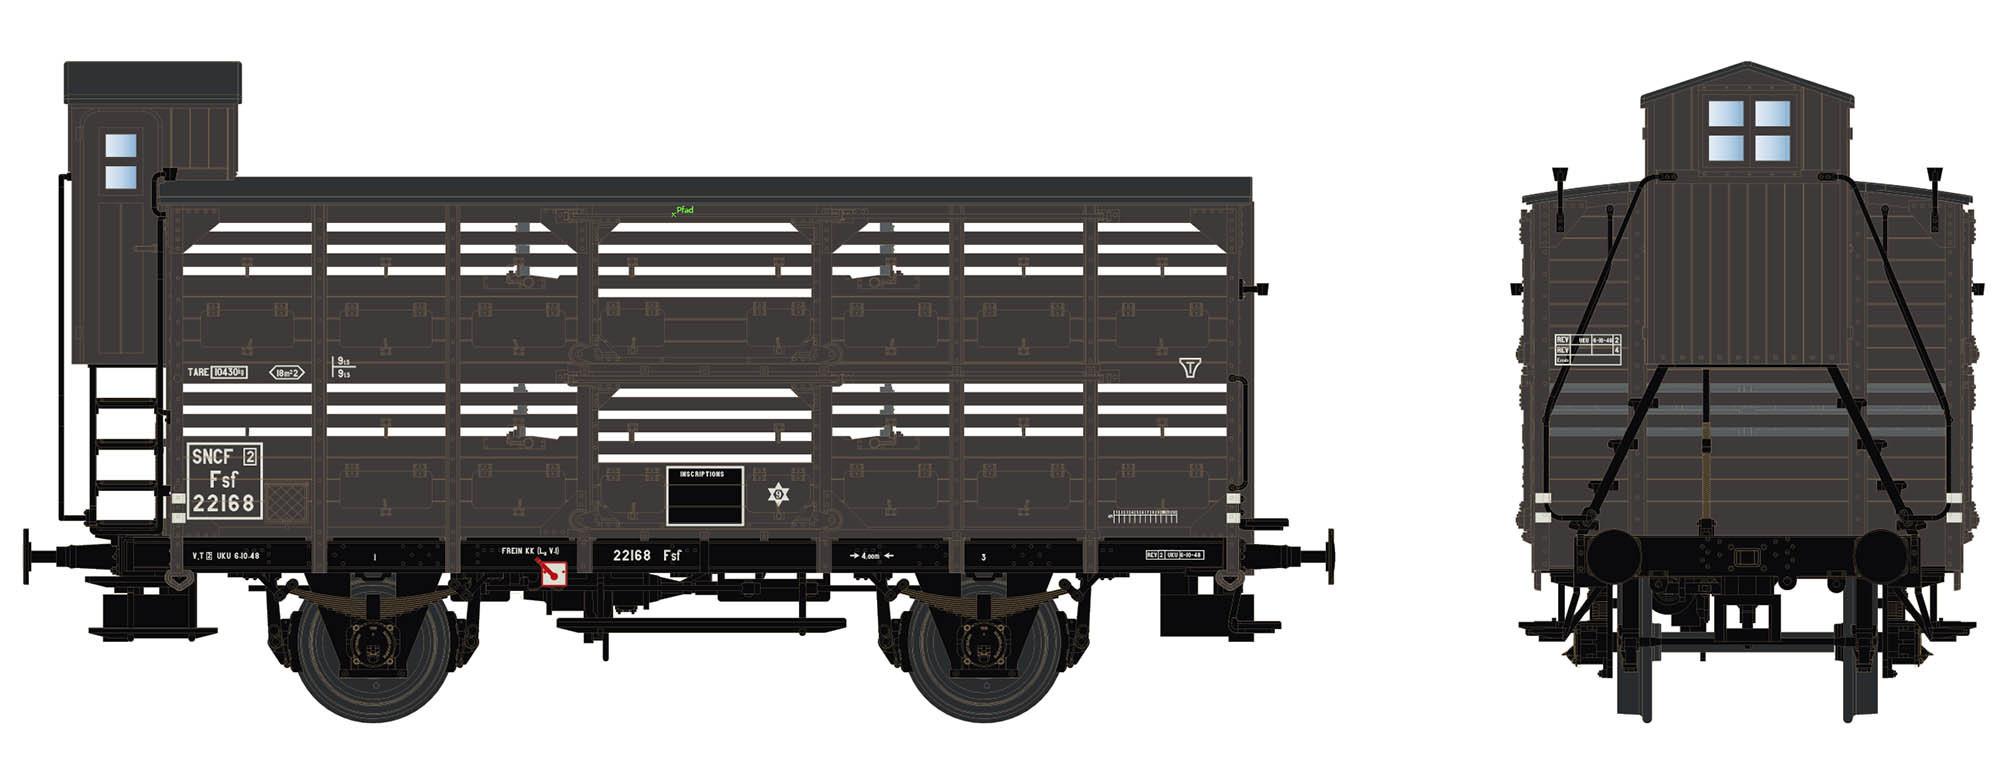 Wagenbausatz Verschlagwagen Vh14, SNCF, Epoche III